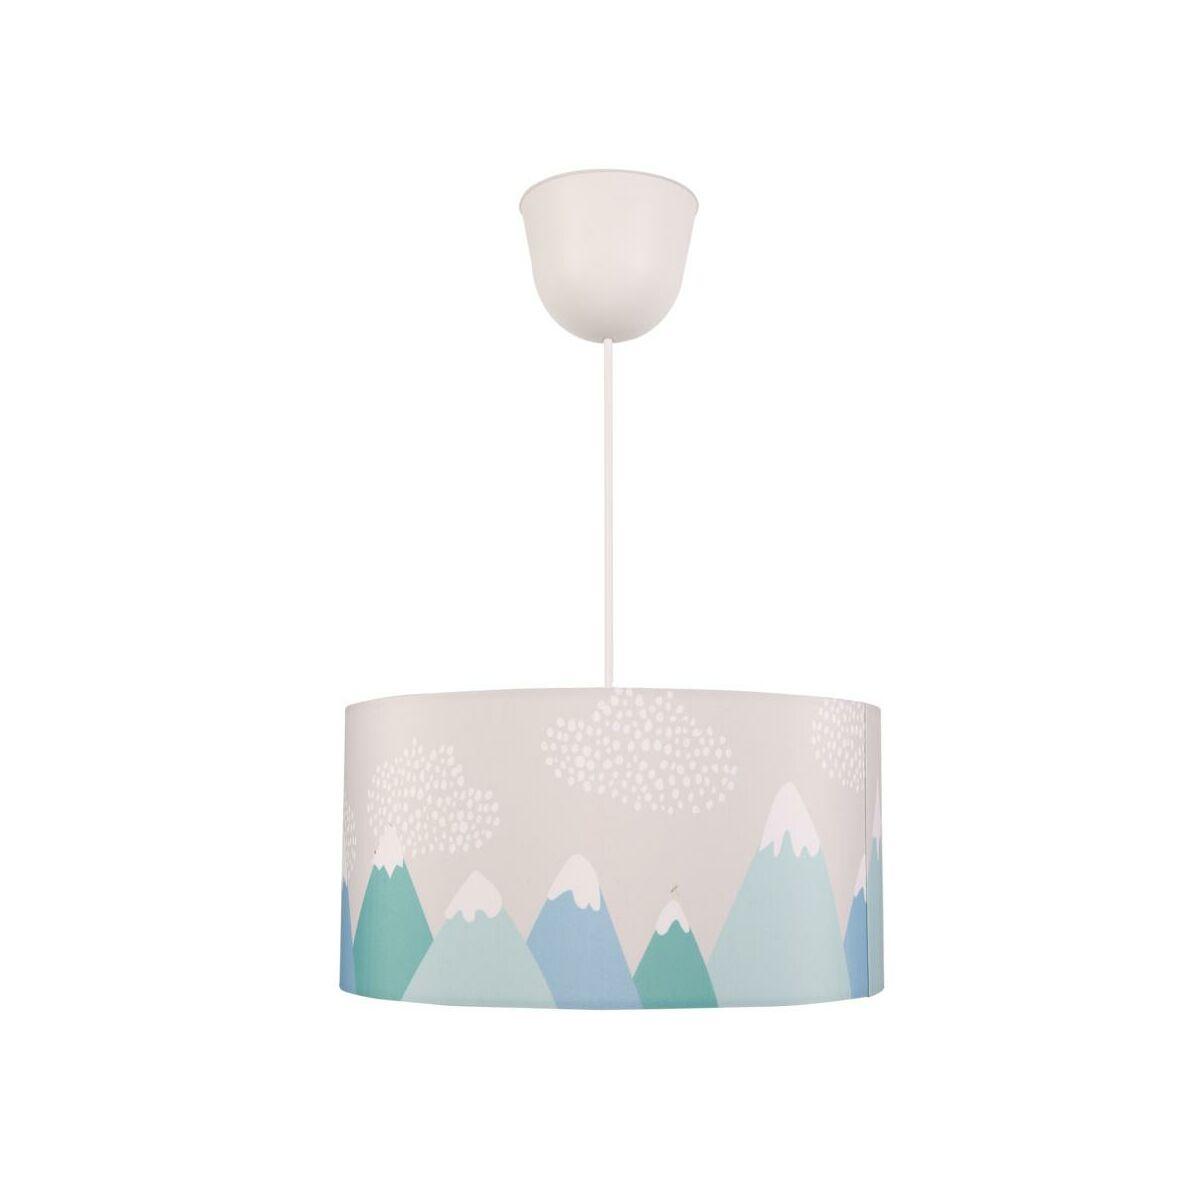 Lampa Wiszaca Hill Niebiesko Zielona E27 Inspire Zyrandole Lampy Wiszace I Sufitowe W Atrakcyjnej Cenie W Sklepach Leroy Merlin